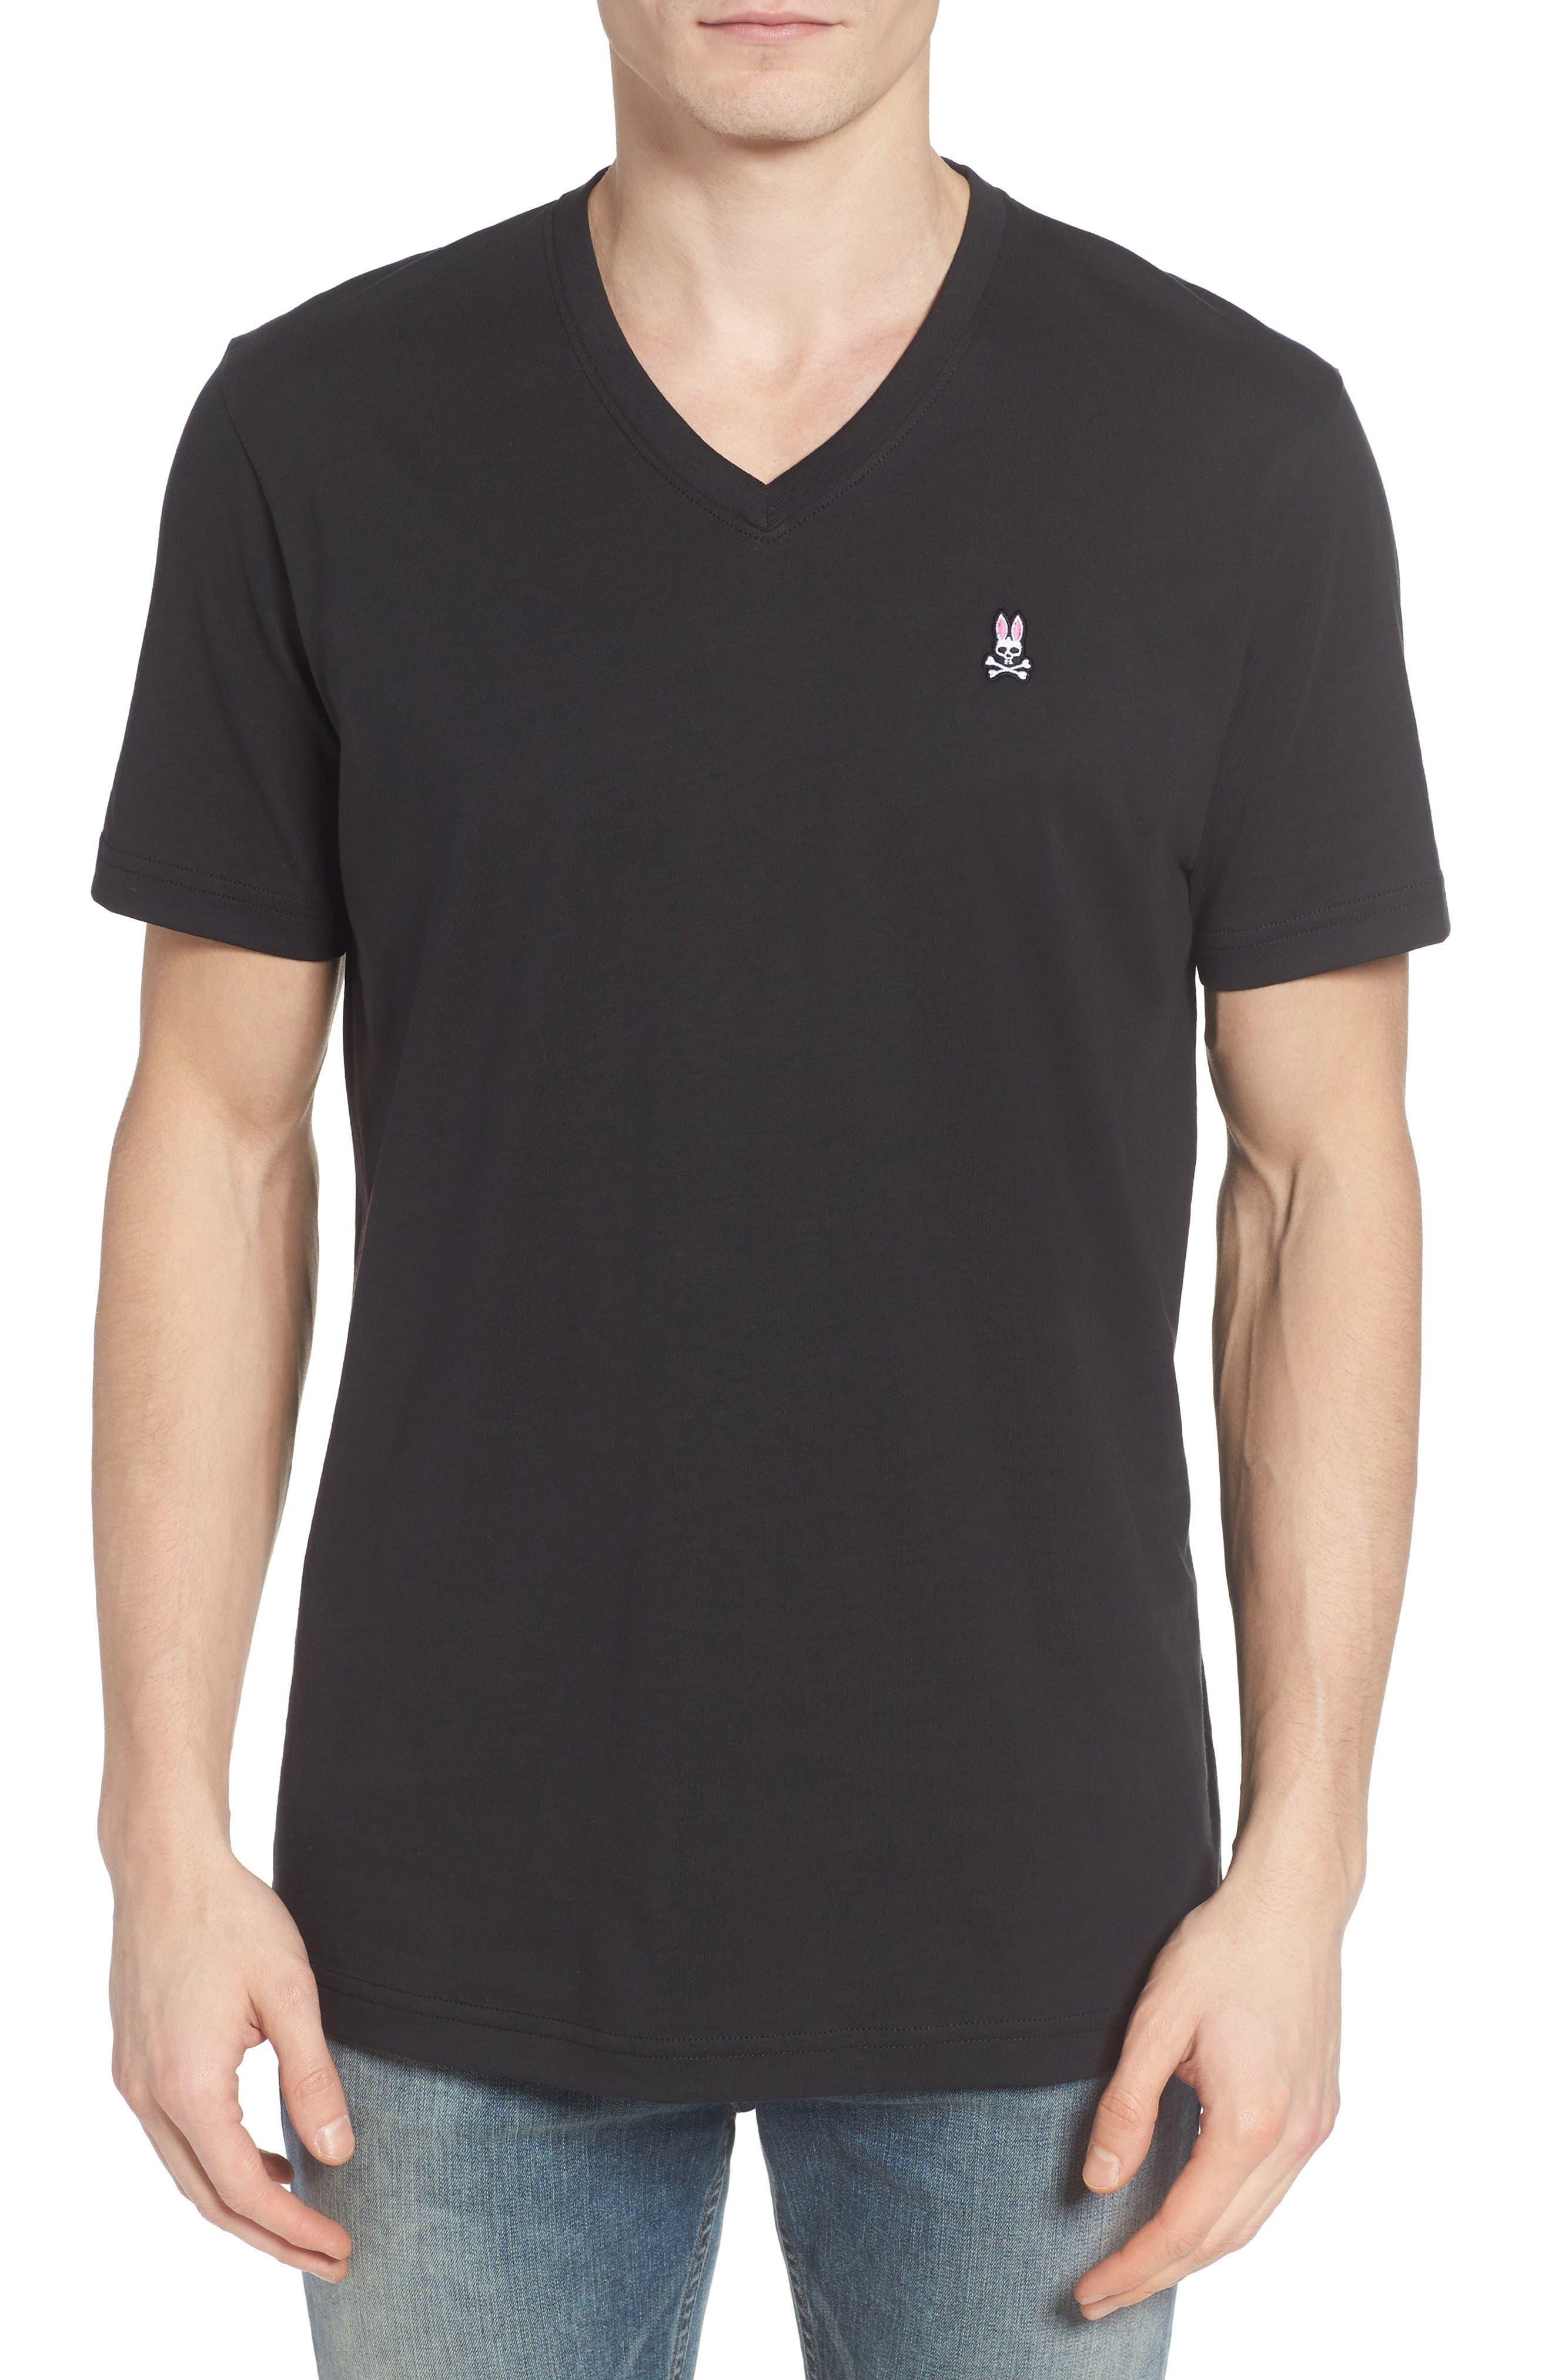 Main Image - Psycho Bunny V-Neck T-Shirt